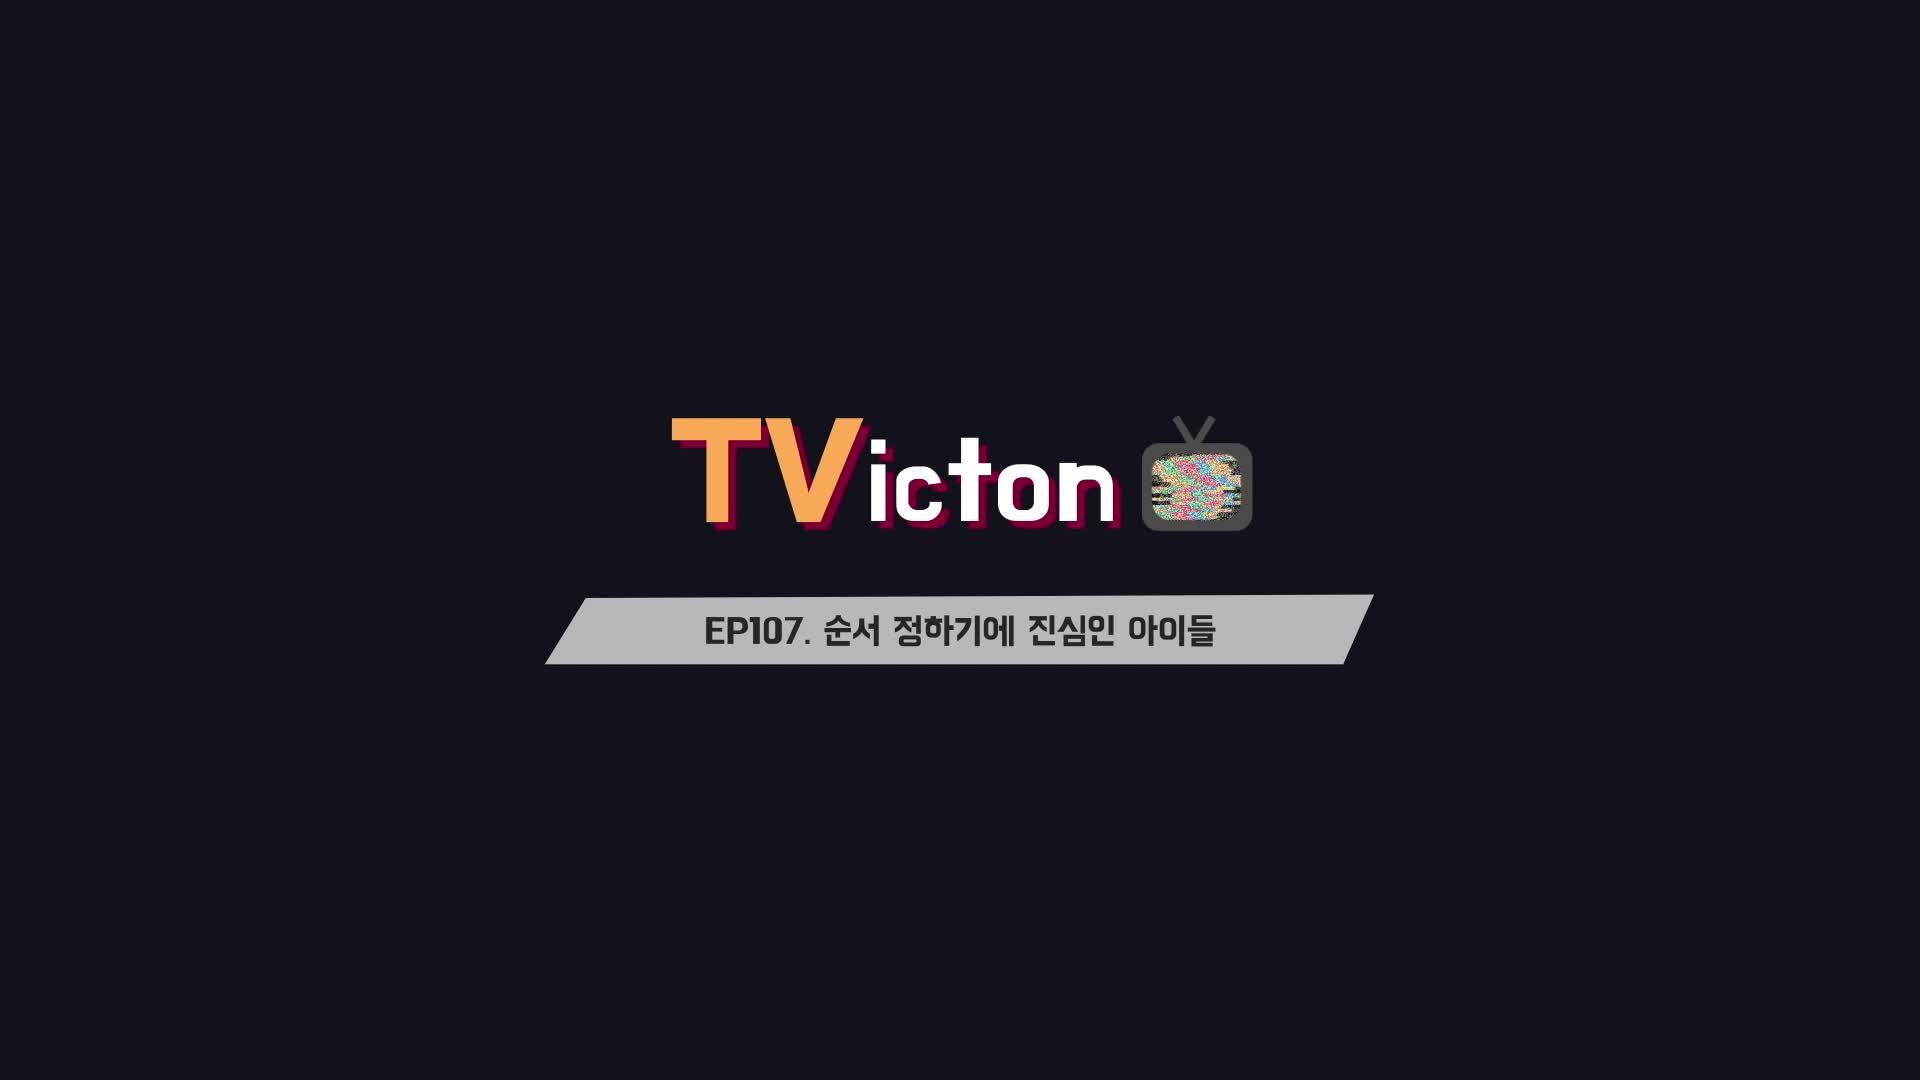 TVicton EP.107 (순서 정하기에 진심인 아이들)